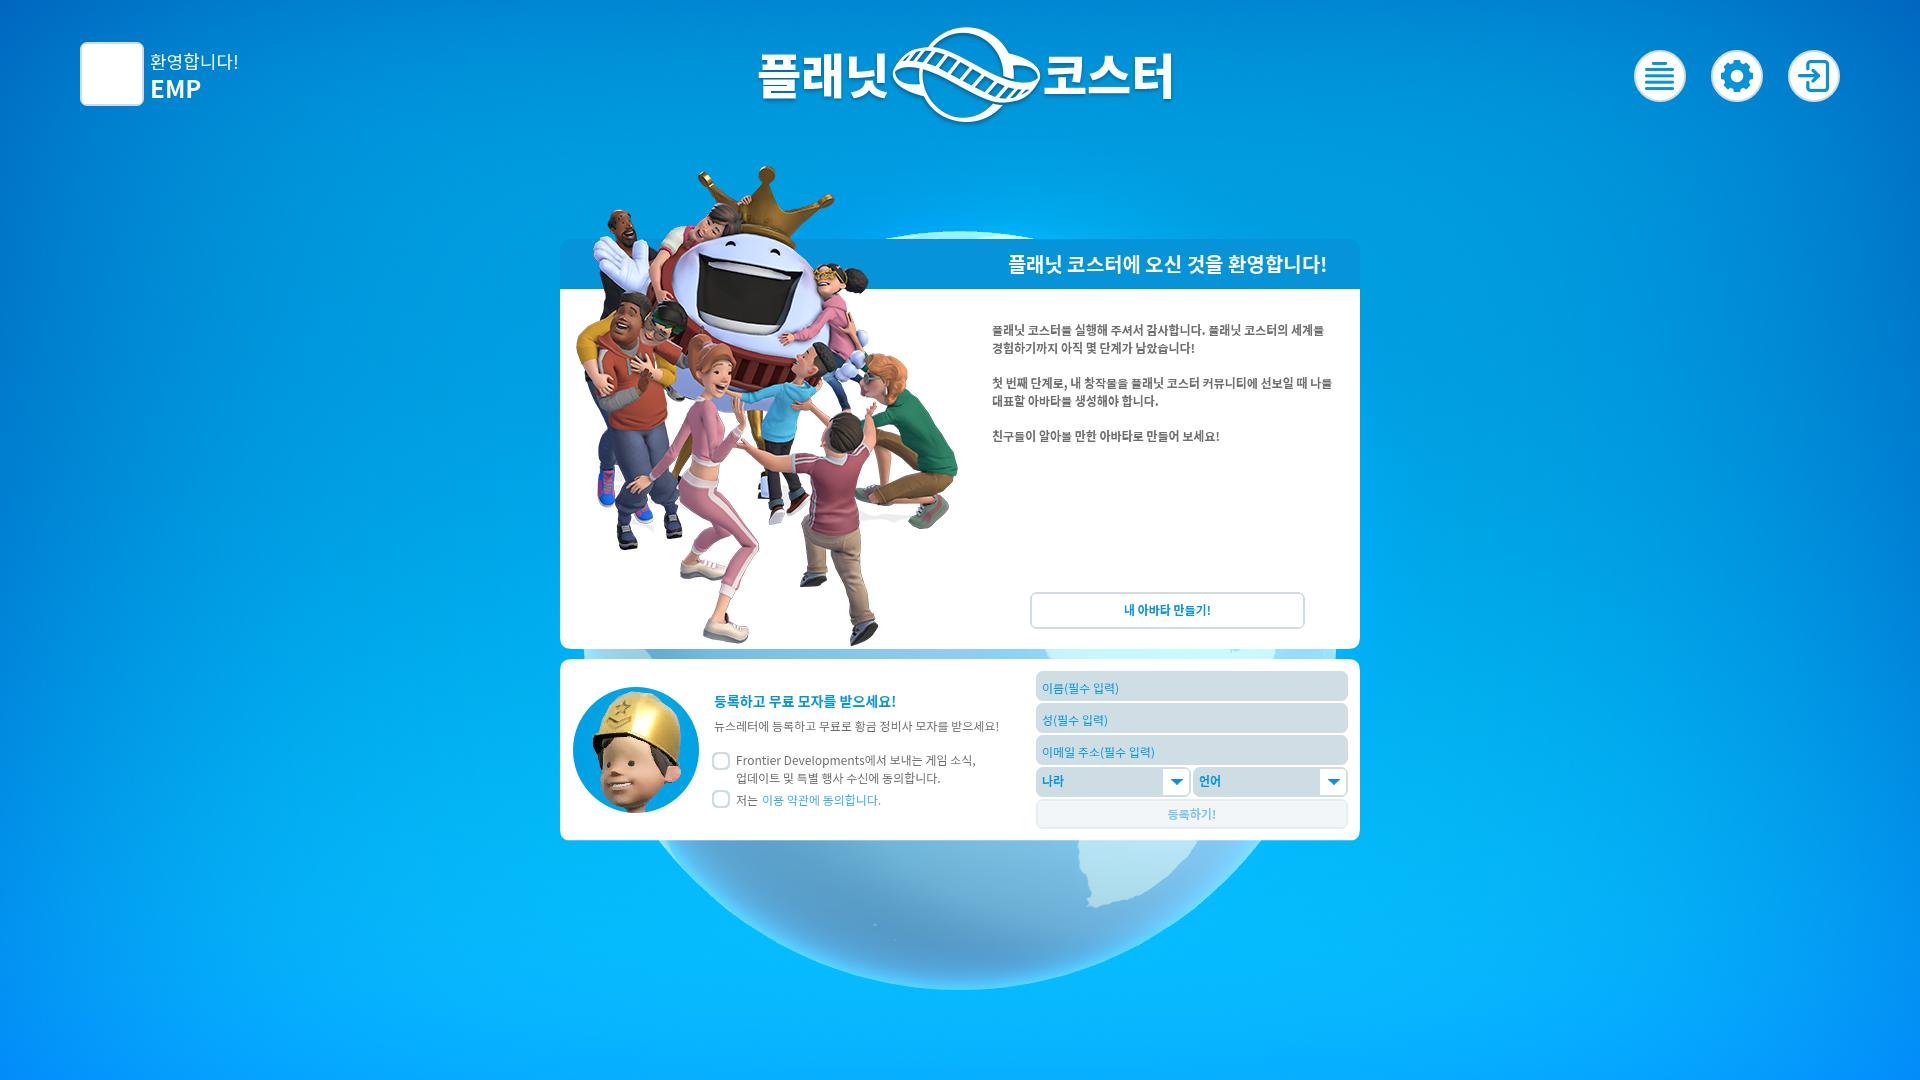 <b>[한글무설치] 최신 놀이동산 플래닛 코스터 컴플리트 에디션</b>